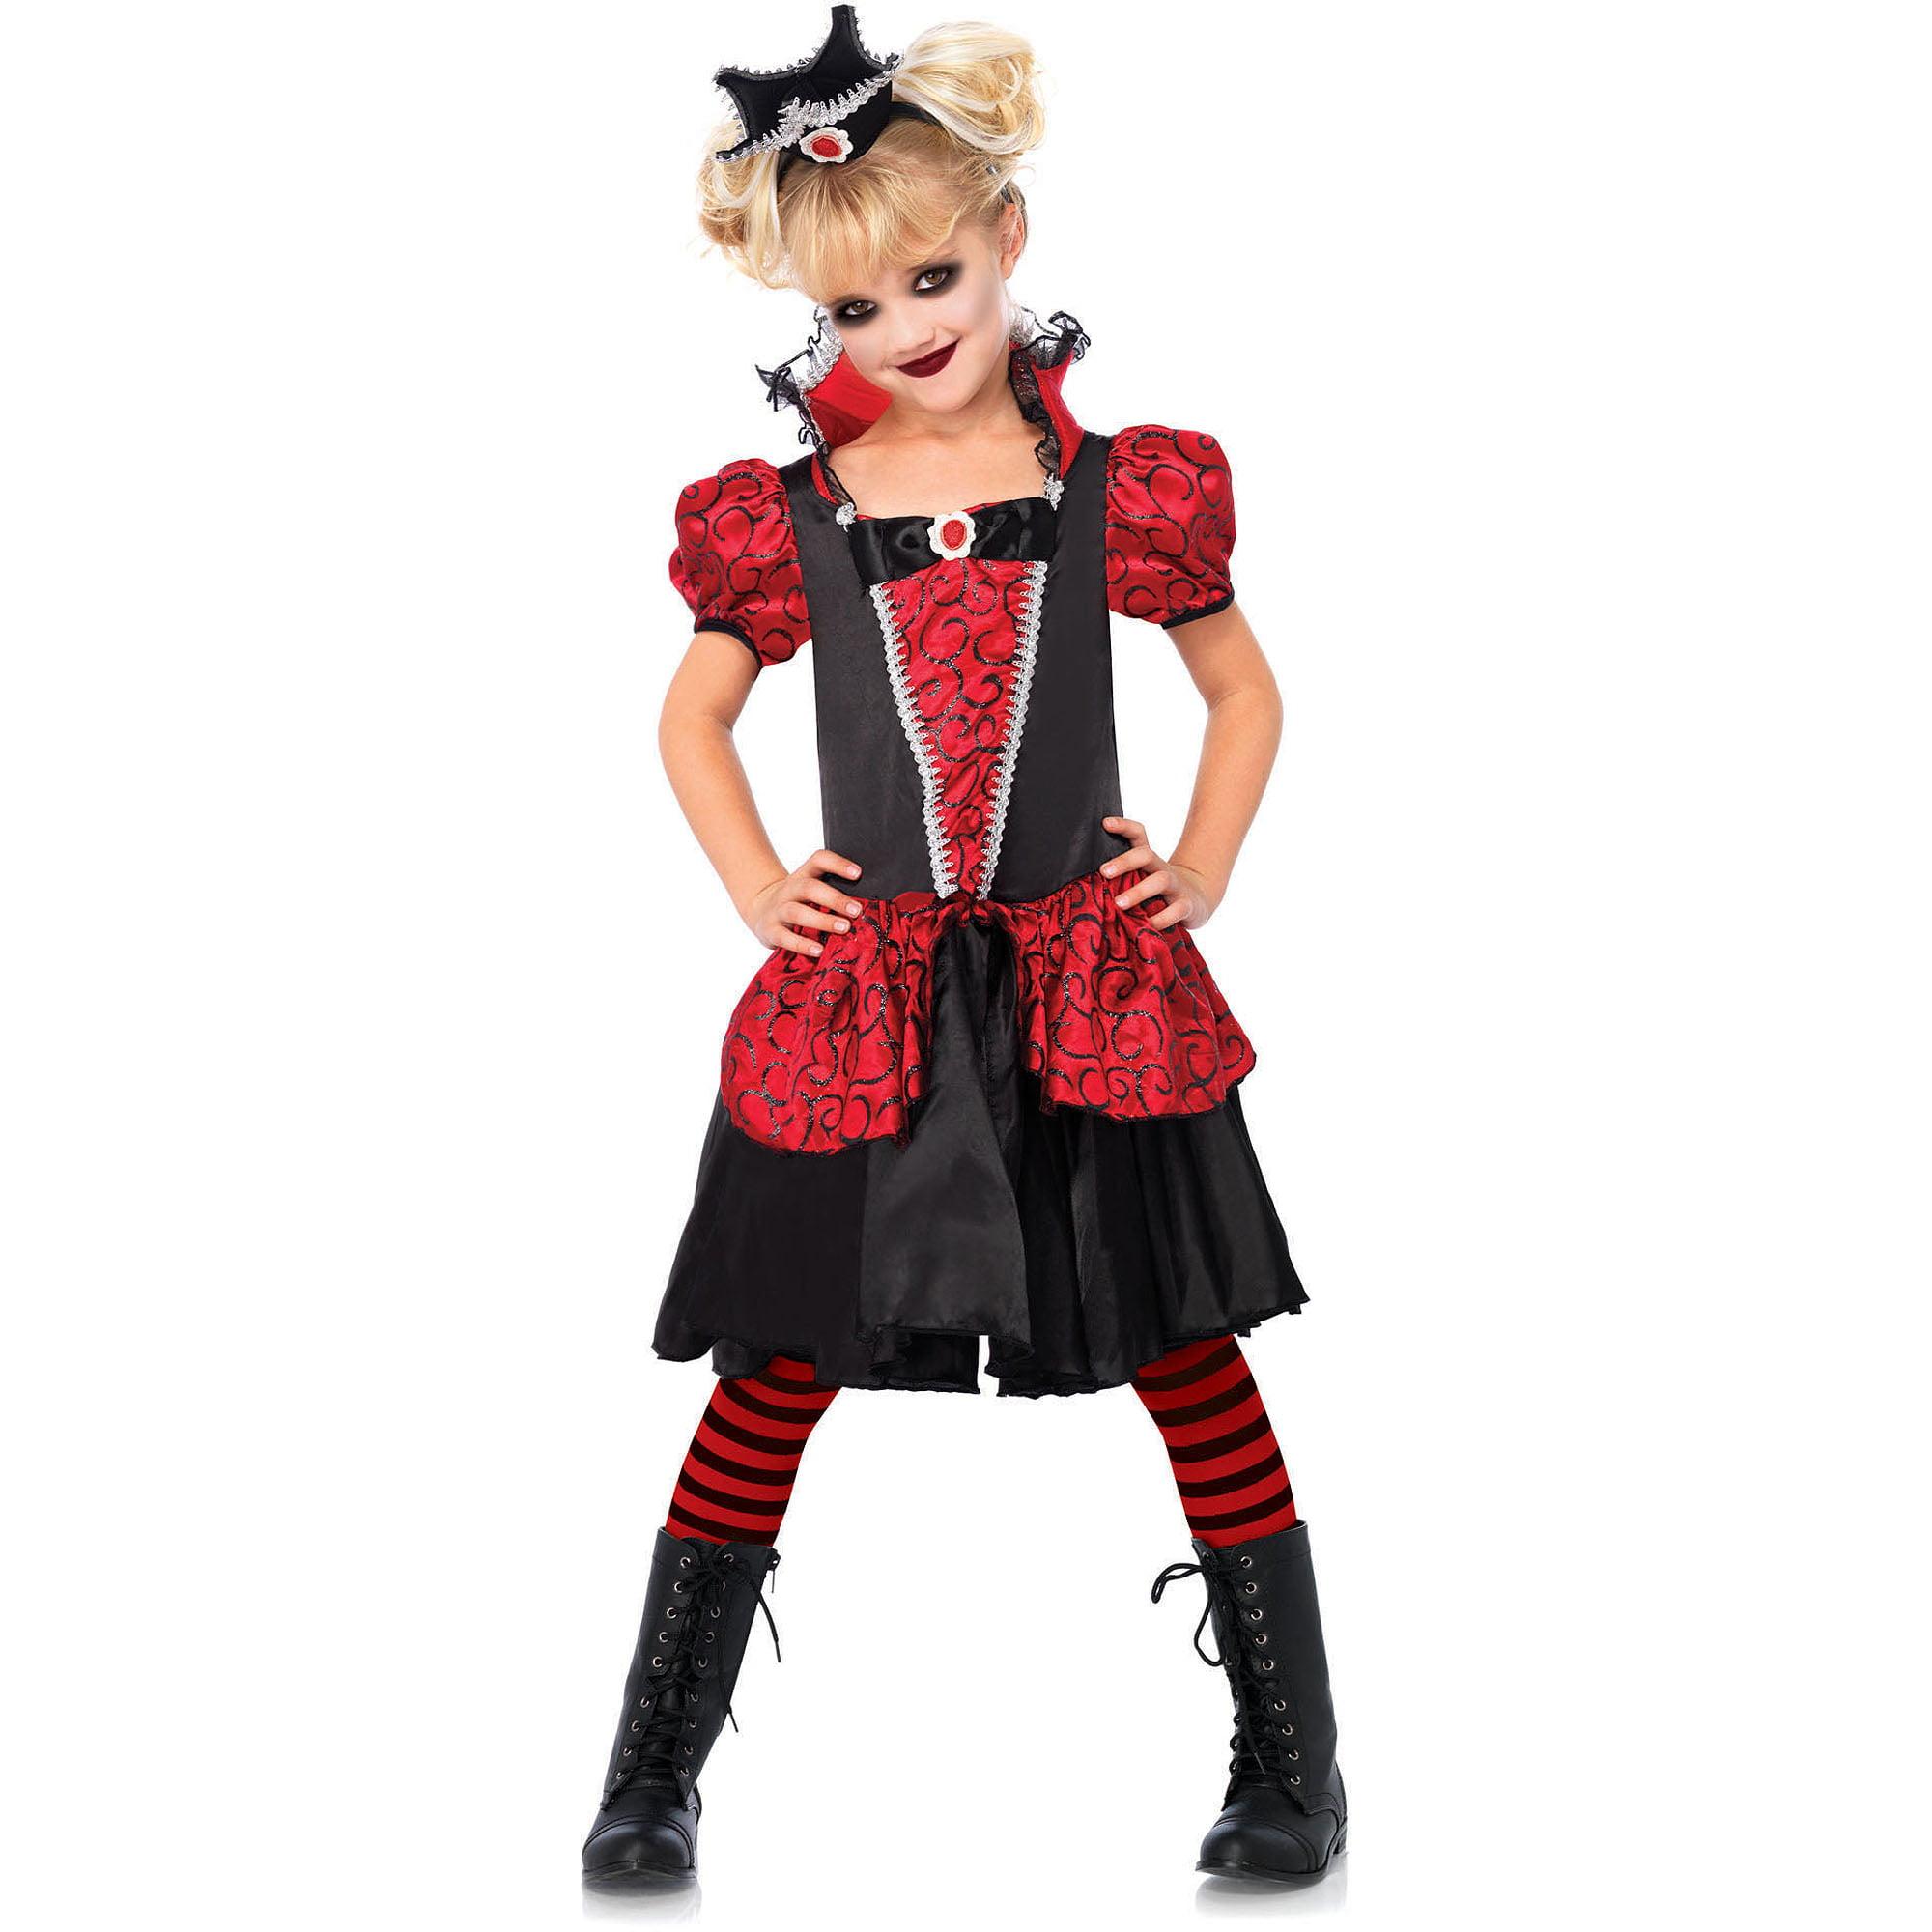 sc 1 st  Walmart & Vampire Queen Child Halloween Costume - Walmart.com